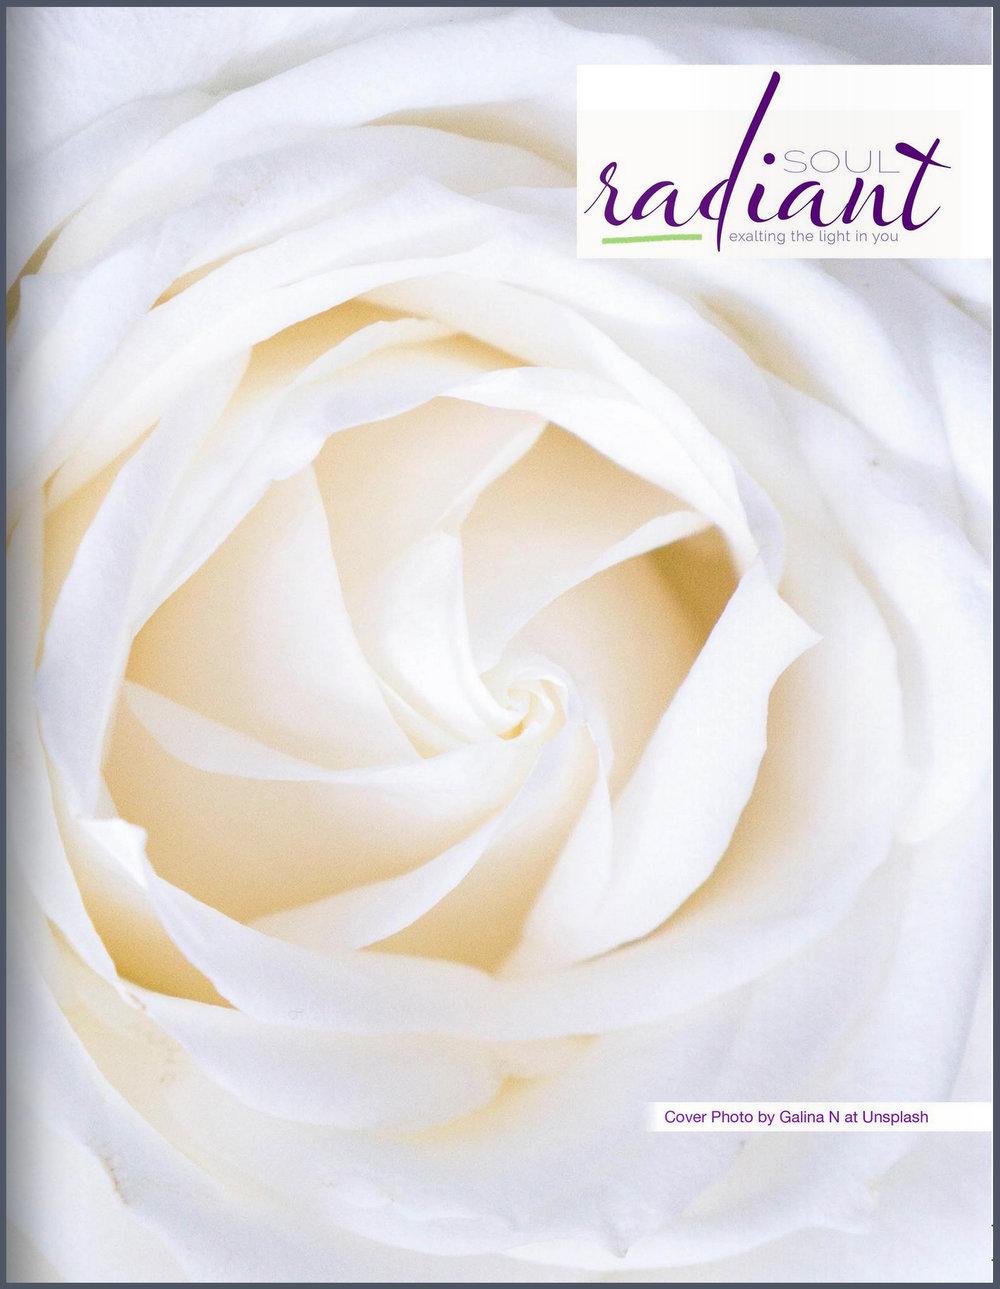 radiant-soul-understanding-relationships-spiritually.jpg